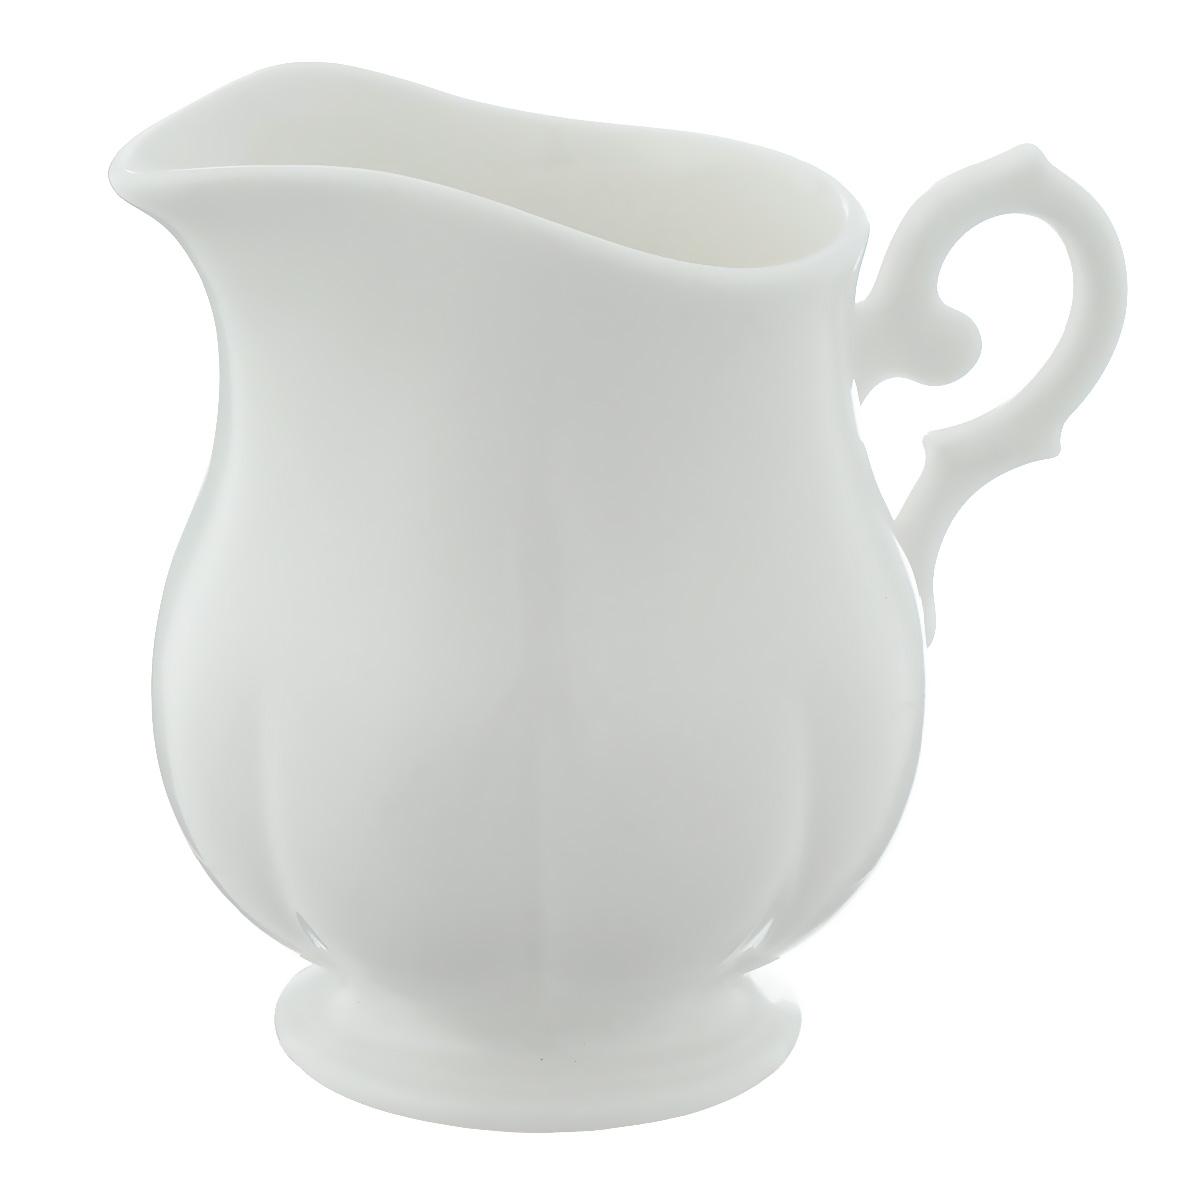 Сливочник Royal Porcelain White, цвет: белый, 250 мл54 009312Сливочник Royal Porcelain White выполнен из высококачественного костяного фарфора с содержанием костяной муки 45%. Изделие сочетает в себе изысканный вид с прочностью и долговечностью. Эксклюзивный дизайн, эстетичность и функциональность сливочника сделает его незаменимым на любой кухне.Размер по верхнему краю: 7,5 см х 6 см.Высота: 9,5 см.Объем: 250 мл.